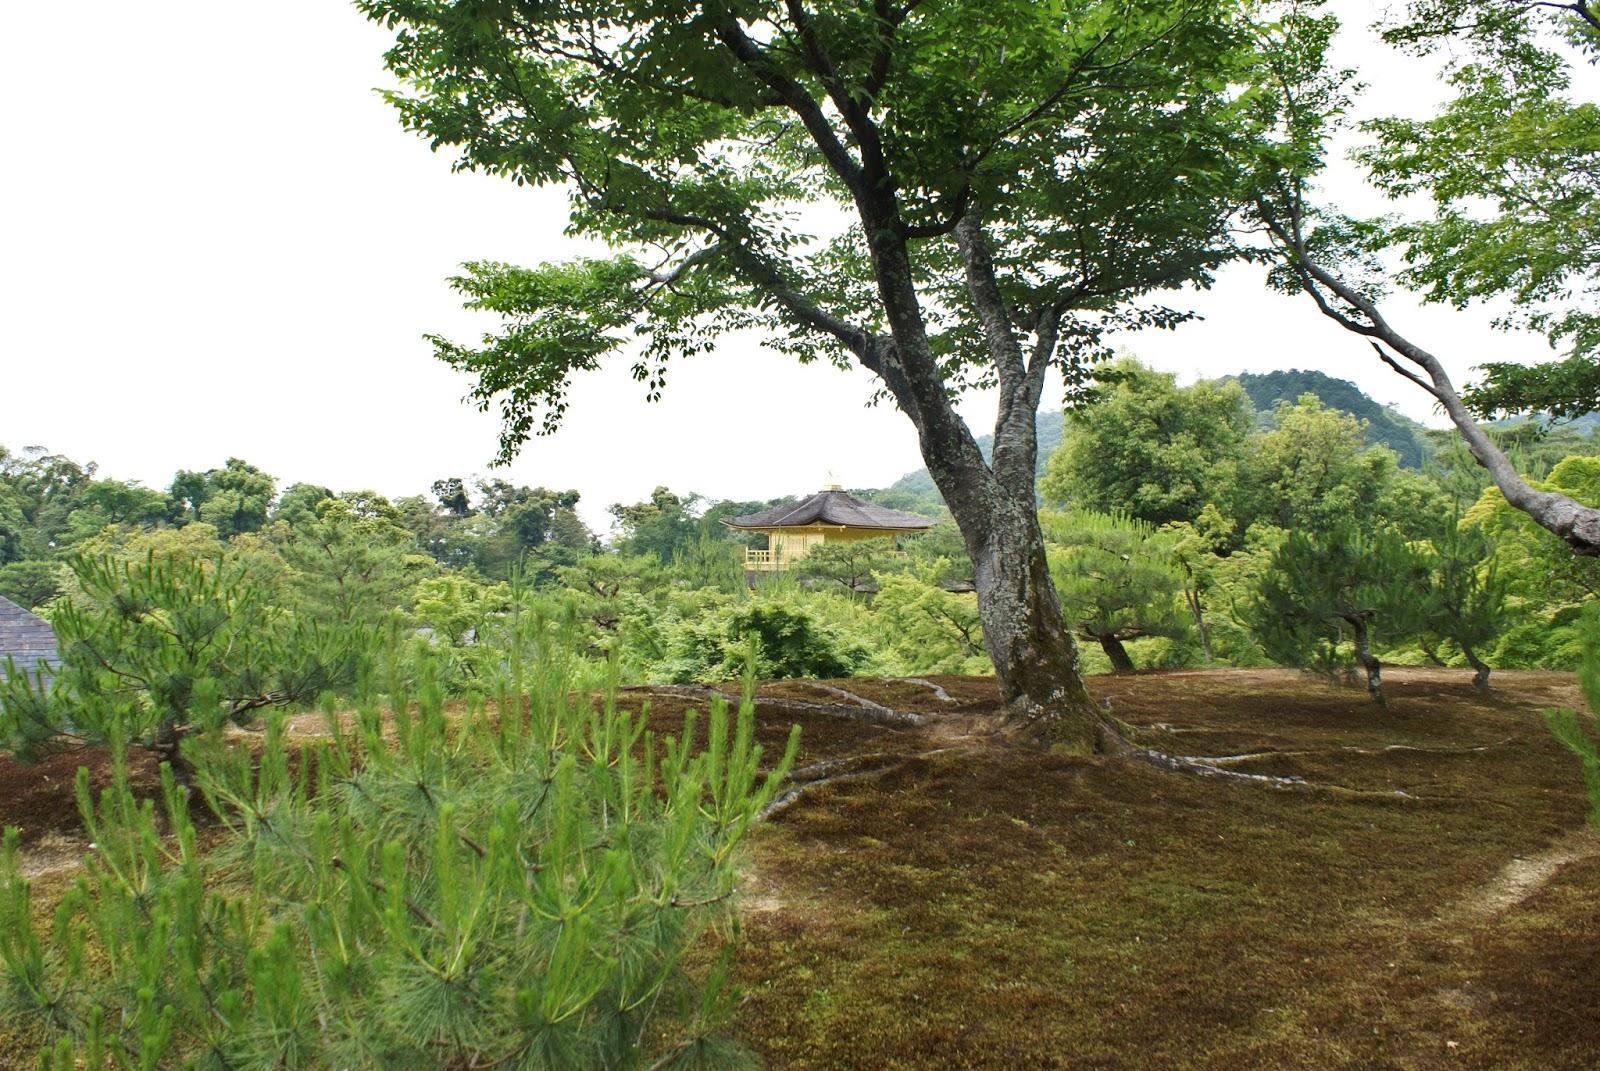 kinkaku ji buddhist temple garden kyoto kansai japan asia